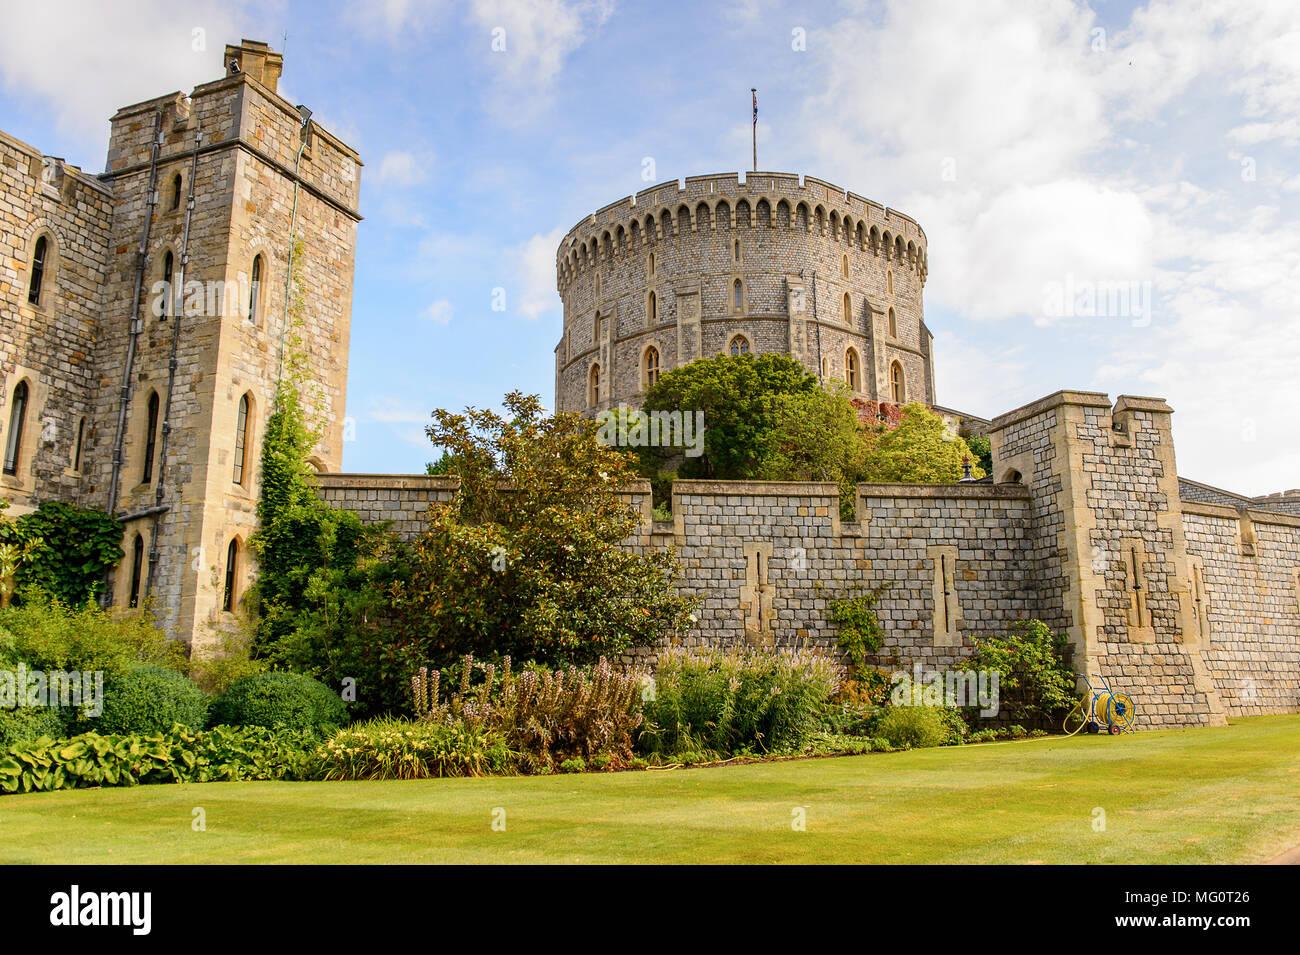 Runde Turm von Schloss Windsor, Berkshire, England. Offizielle Residenz Ihrer Majestät der Königin Stockbild